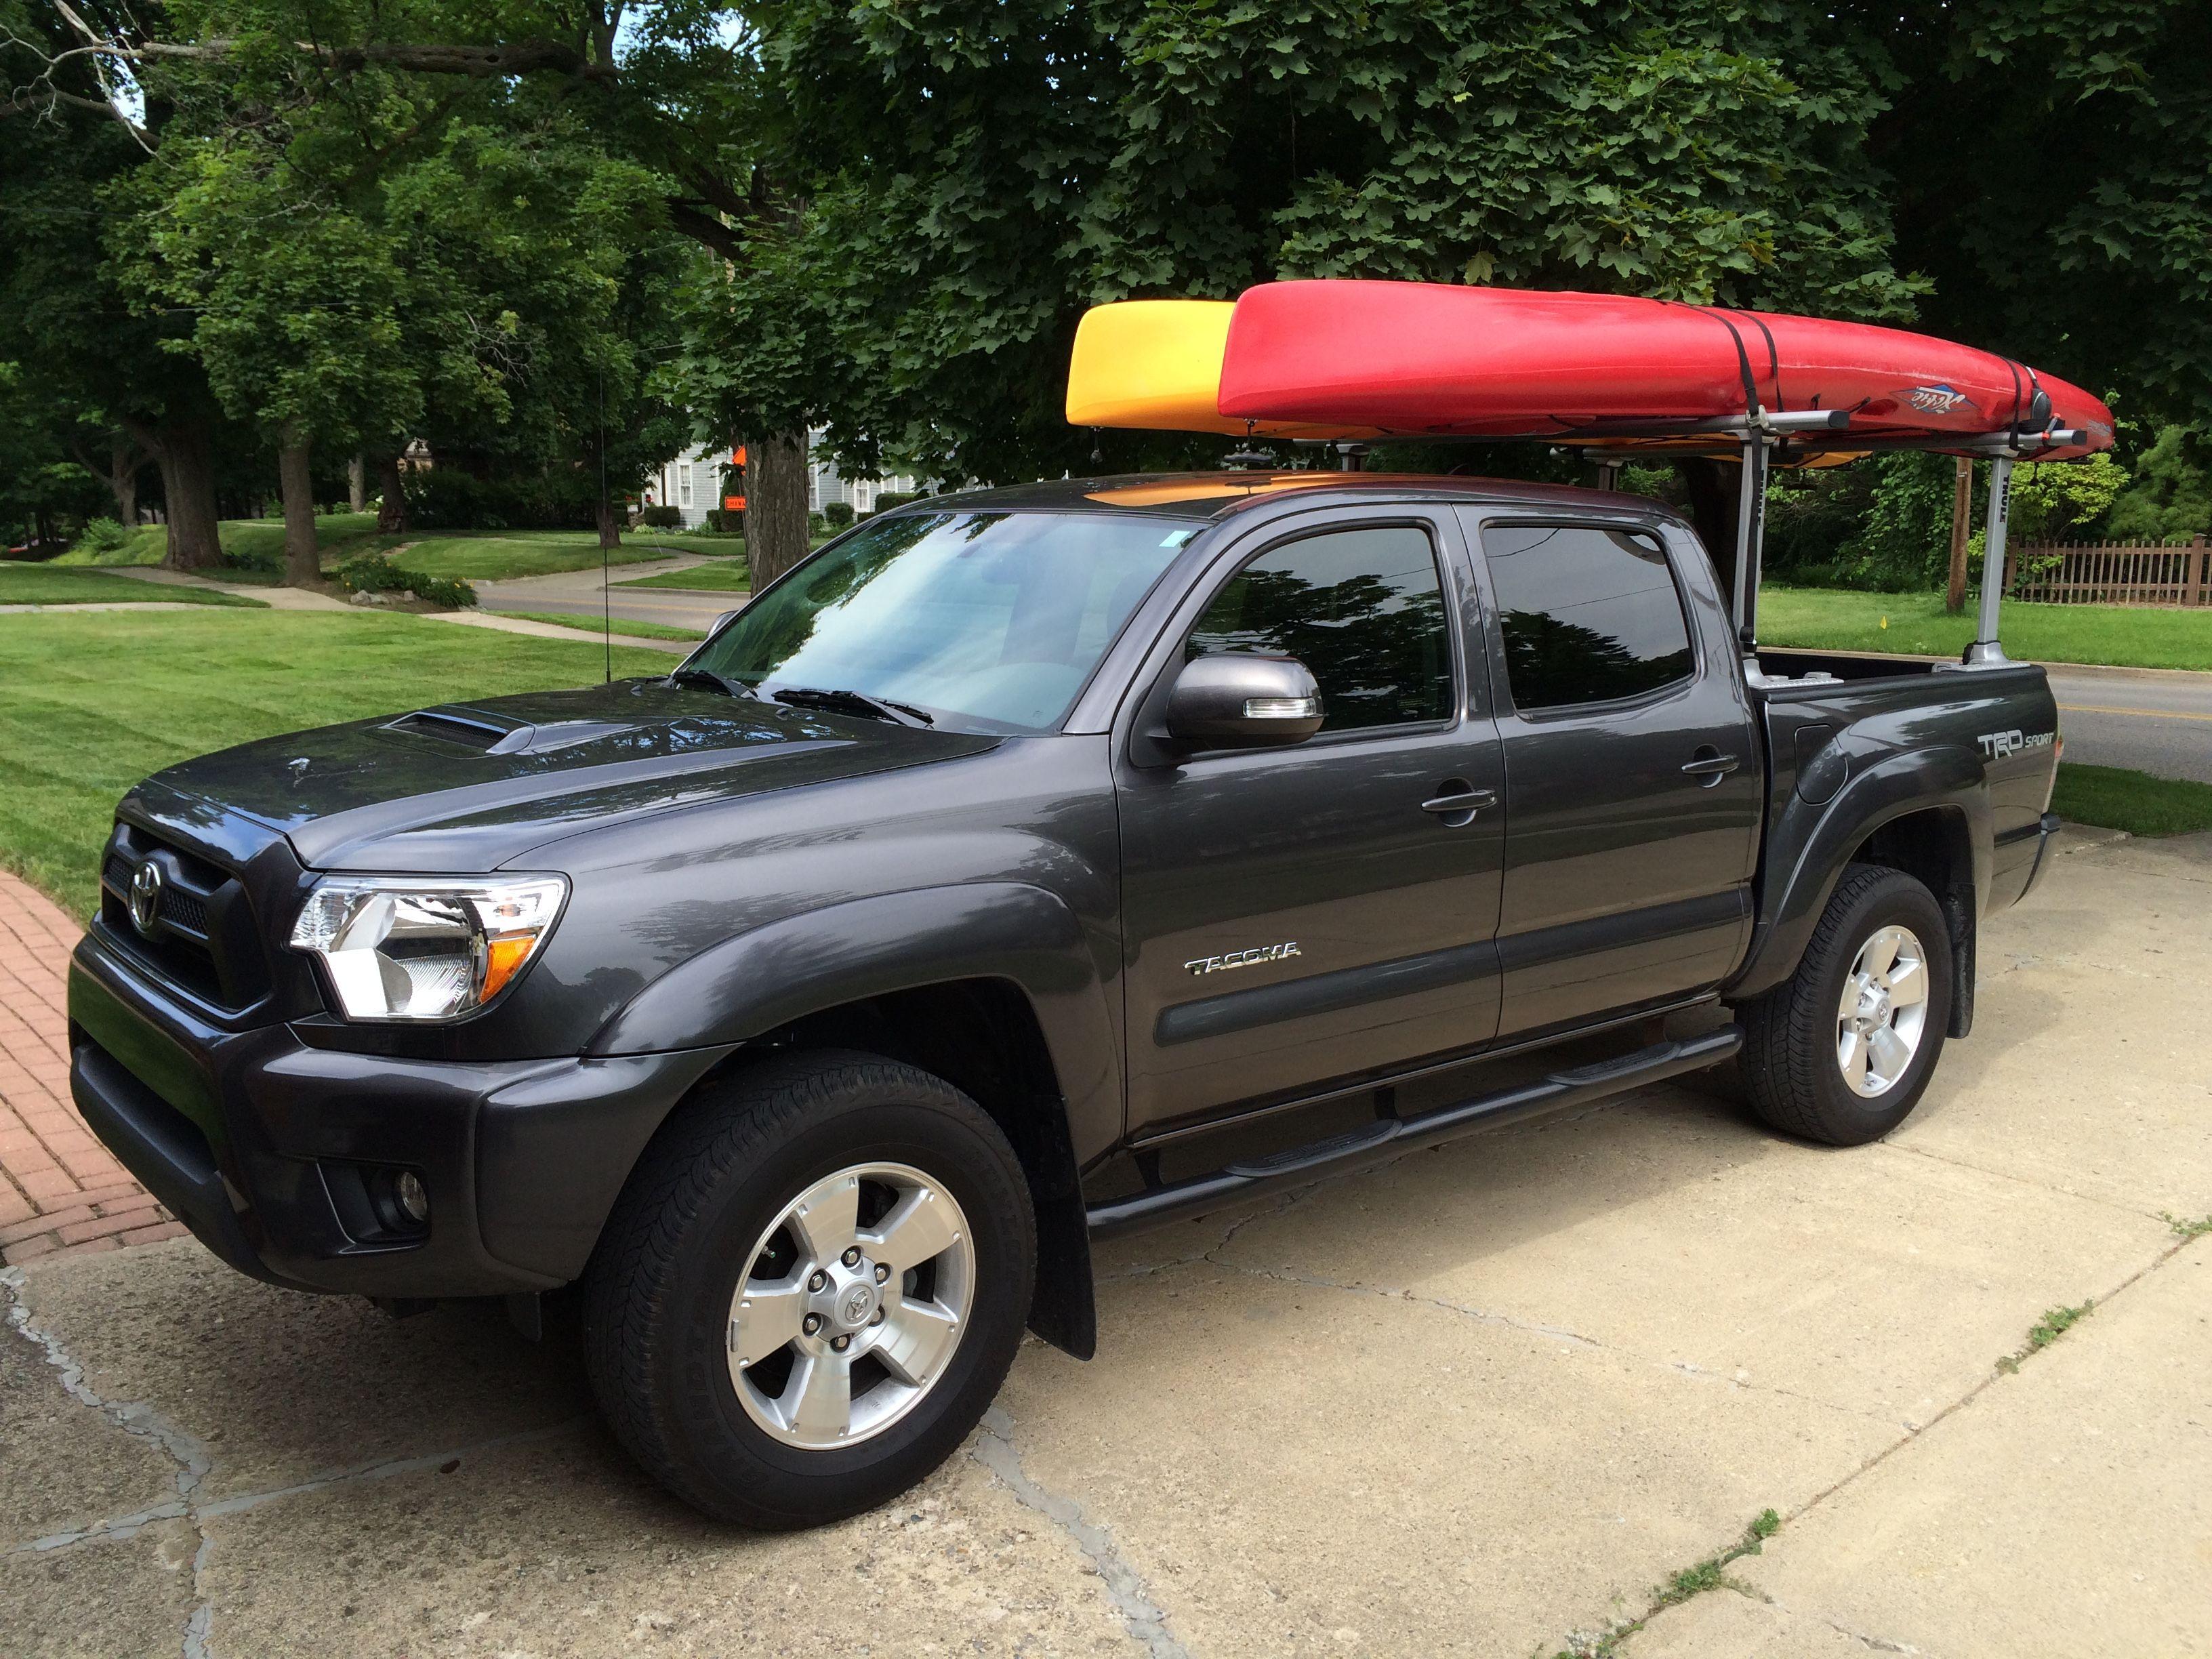 Hobie kayak thule rack